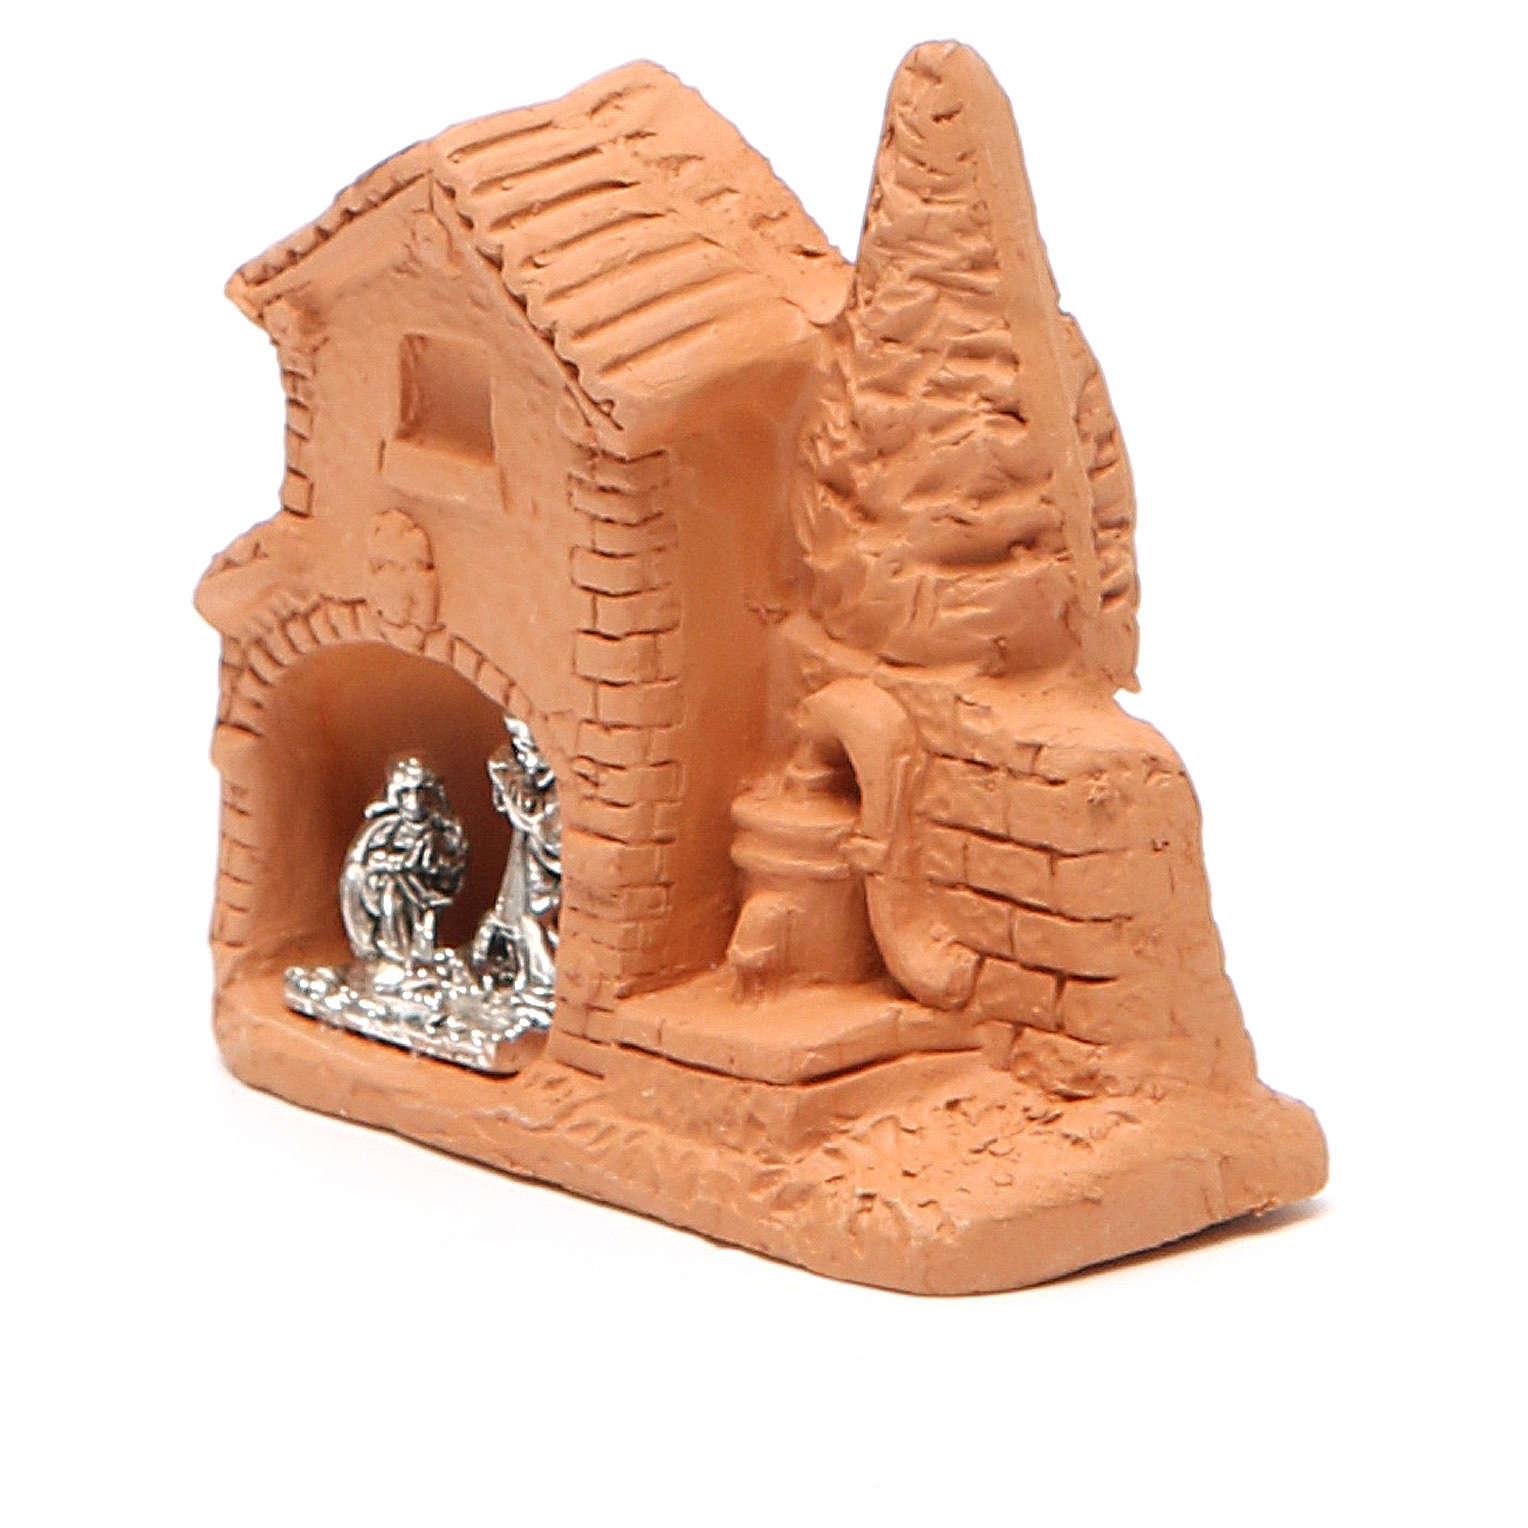 Cabane et nativité miniaturisées terre cuite naturelle 6x7x3 cm 4